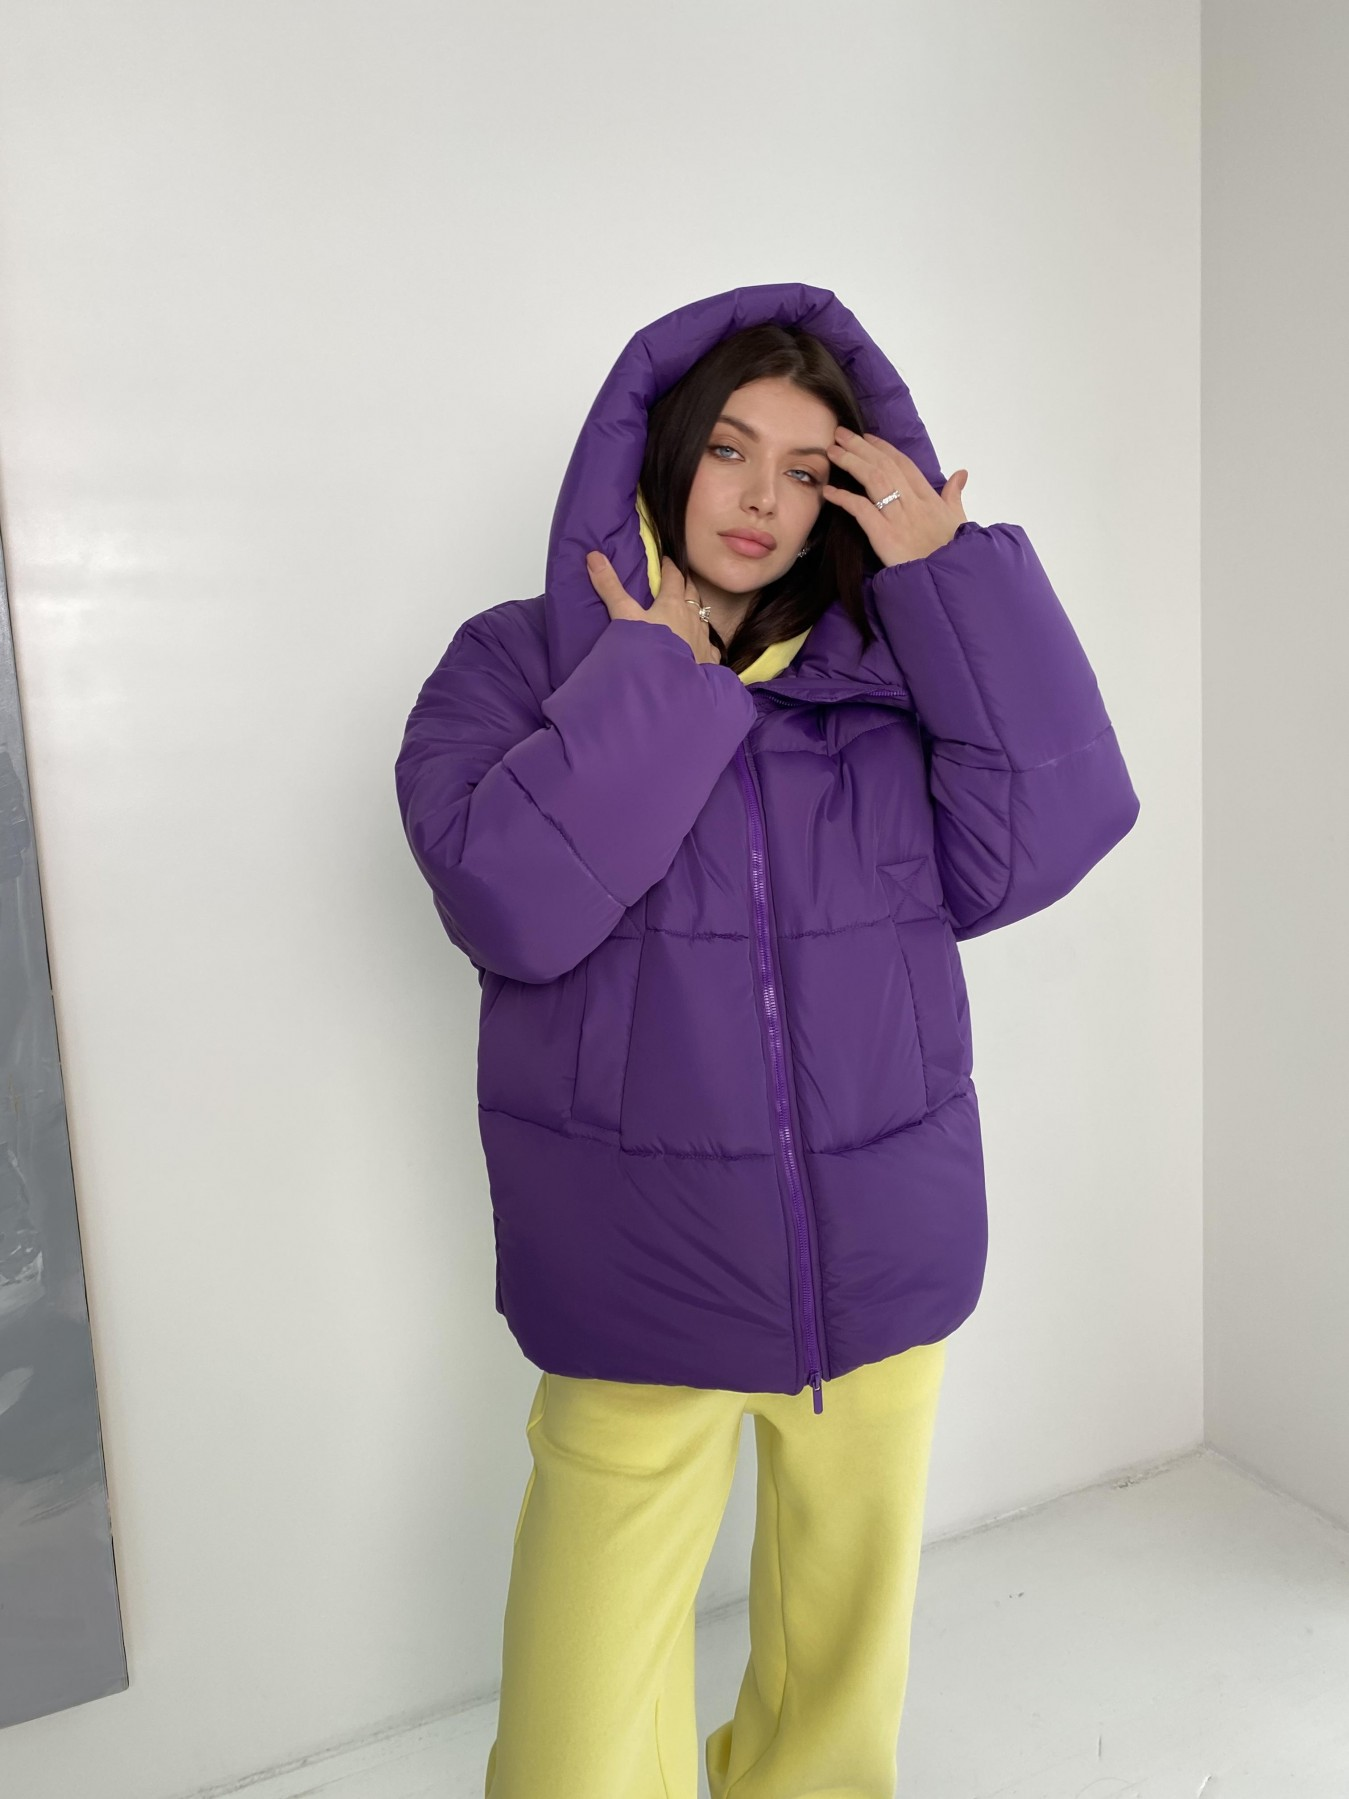 Овертайм  теплый пуховик из плащевой ткани 10243 АРТ. 47045 Цвет: Сиреневый 861 - фото 10, интернет магазин tm-modus.ru